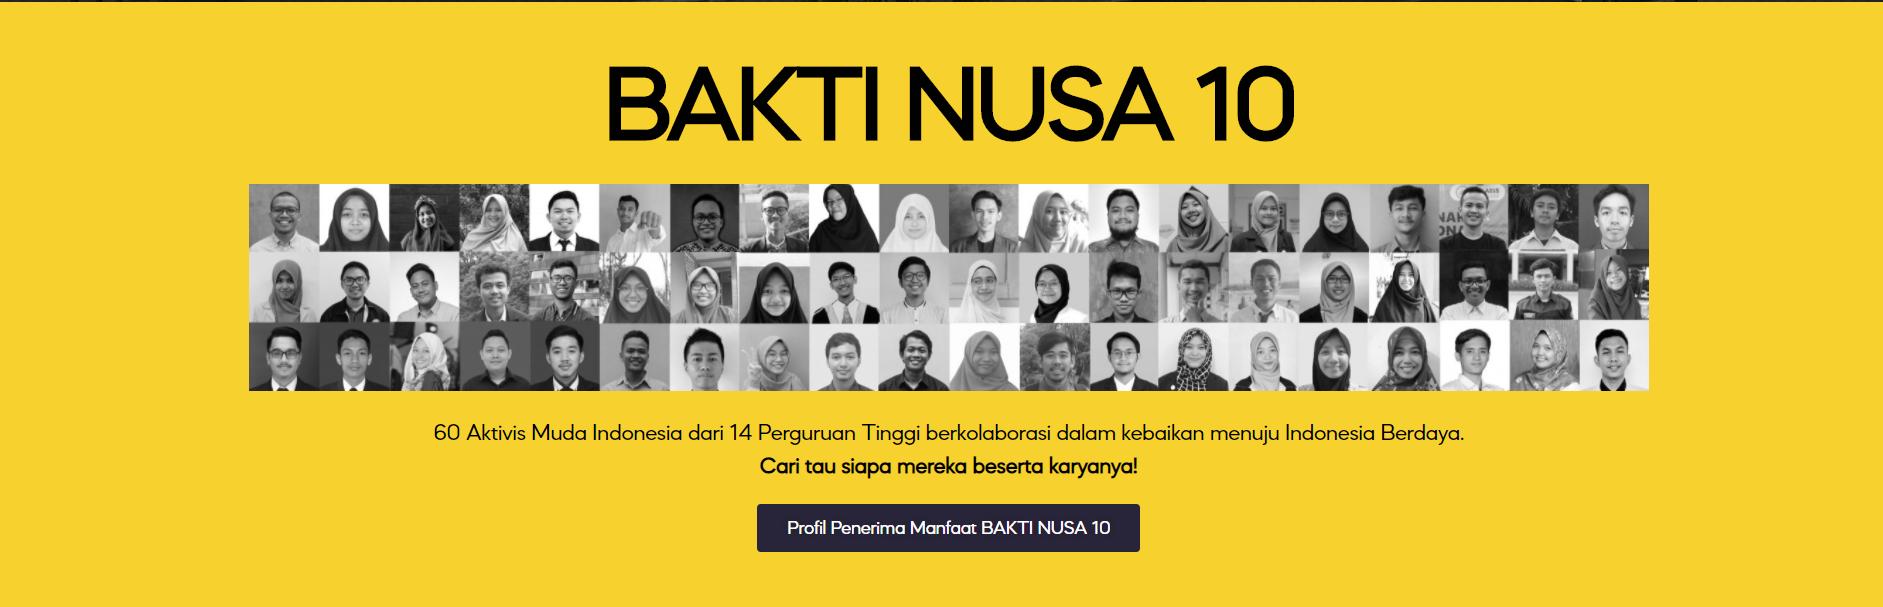 Future Leader Challenge (FLC) 2020 Resmi Dibuka, 60 Aktivis Mahasiswa Siap Menjadi Pemimpin Milenial